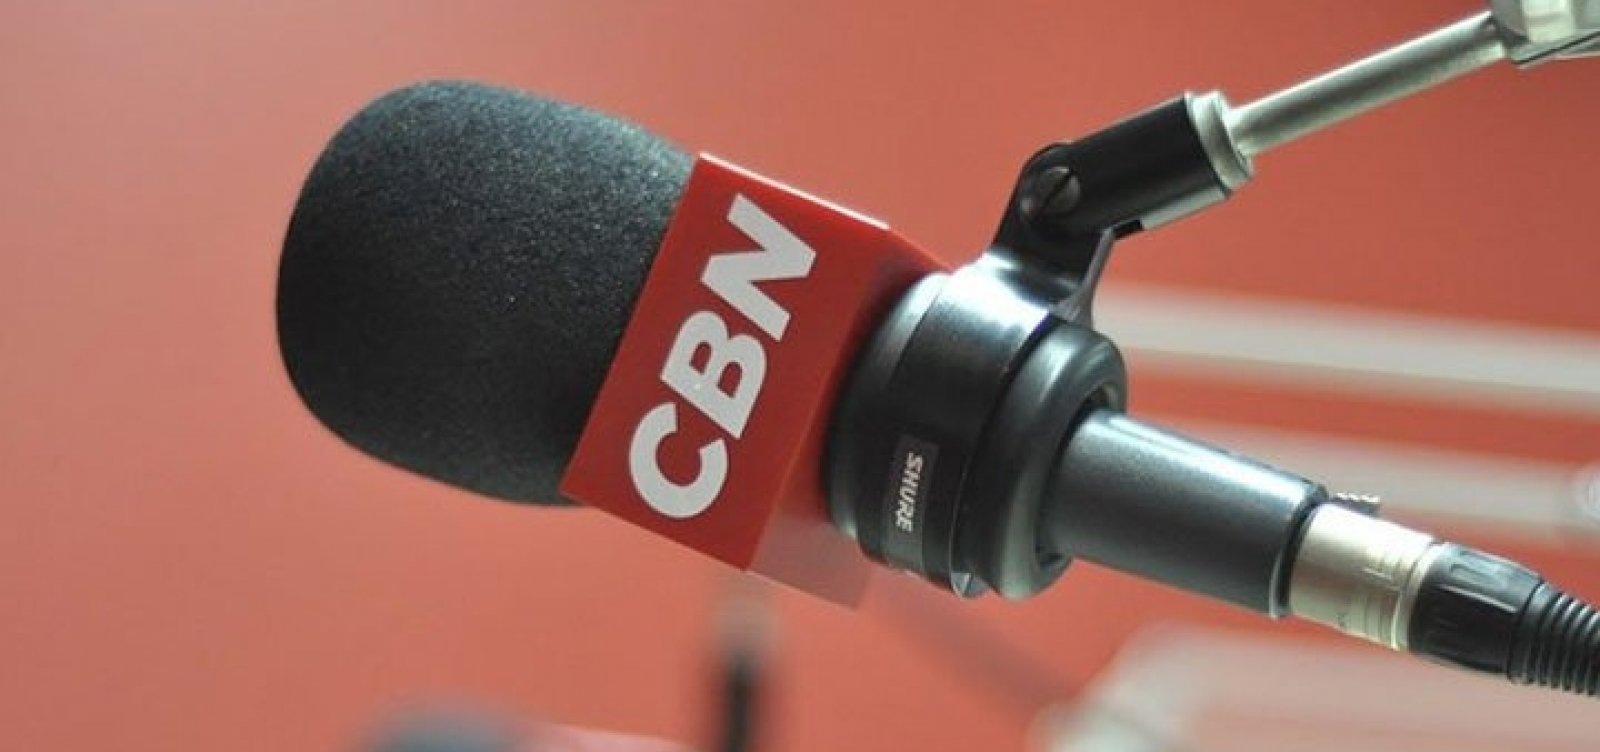 [Globo desmente fechamento da CBN e da Rádio Globo]